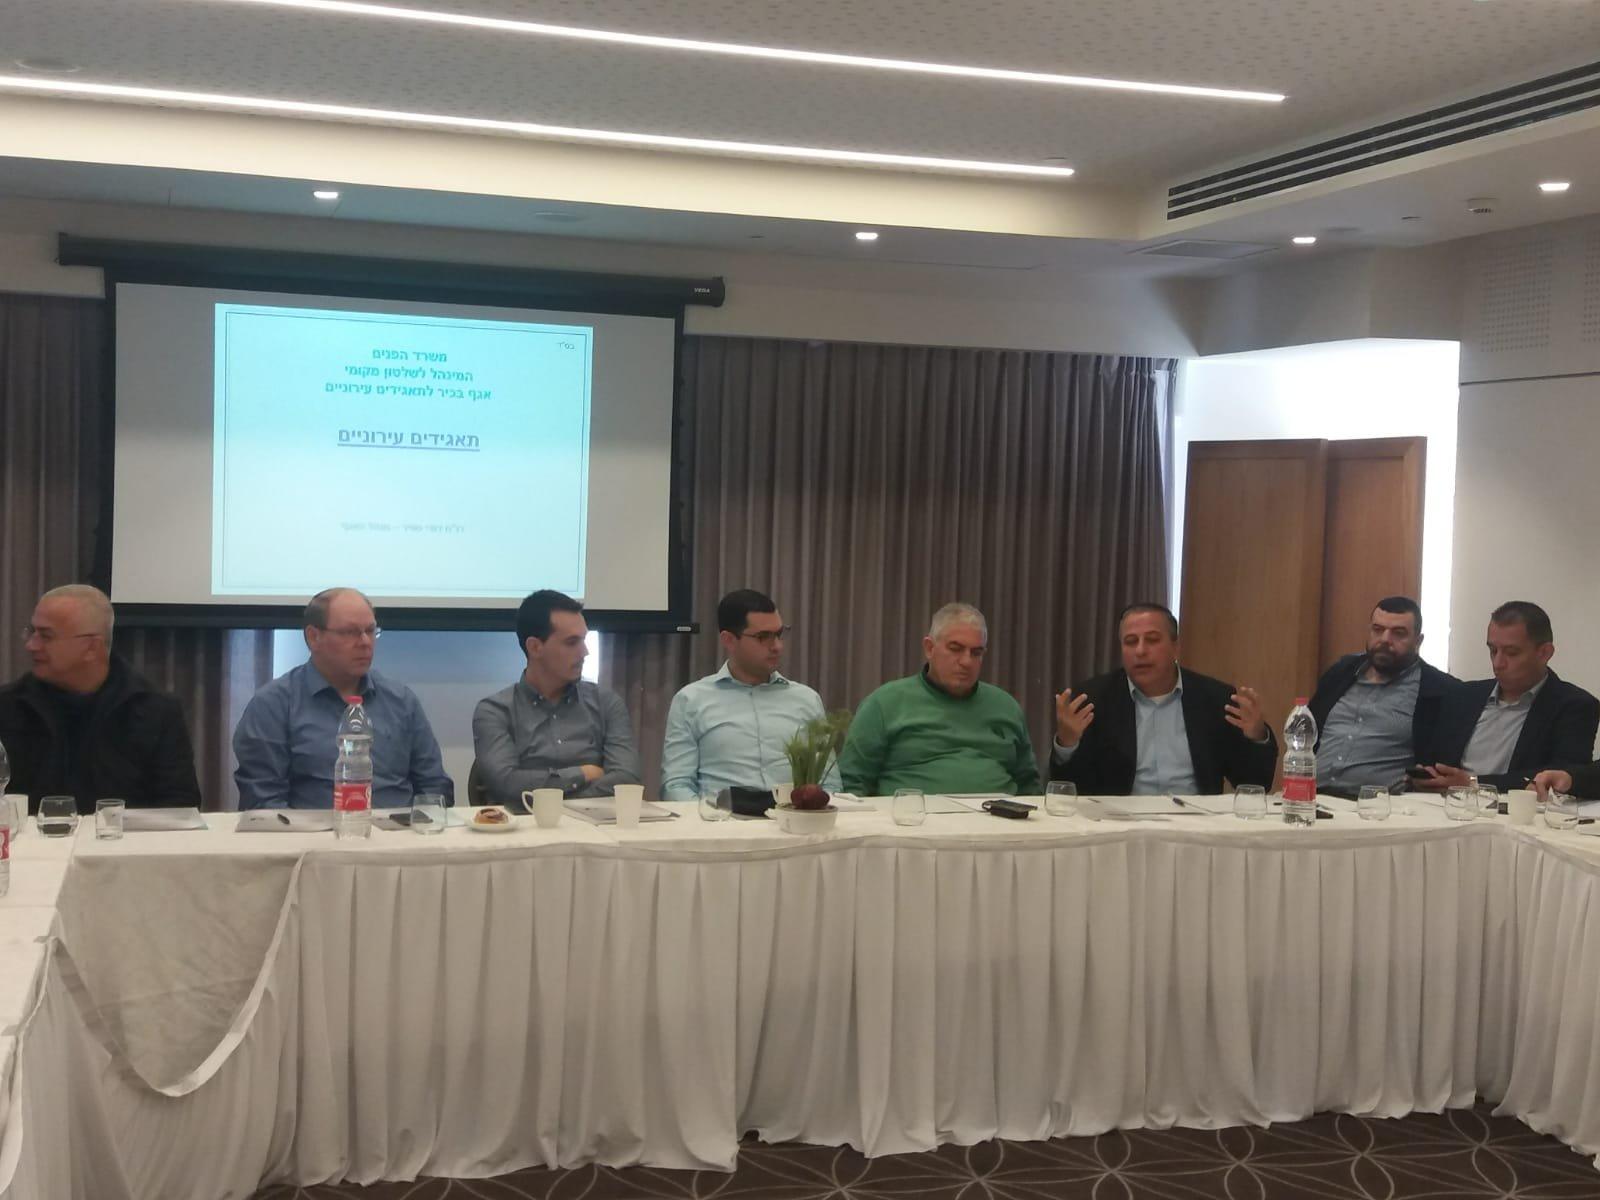 مركز انجاز يبادر إلى عقد يوم دراسي حول الشركات البلدية كرافعة للتطوير الاقتصادي في المجتمع العربي